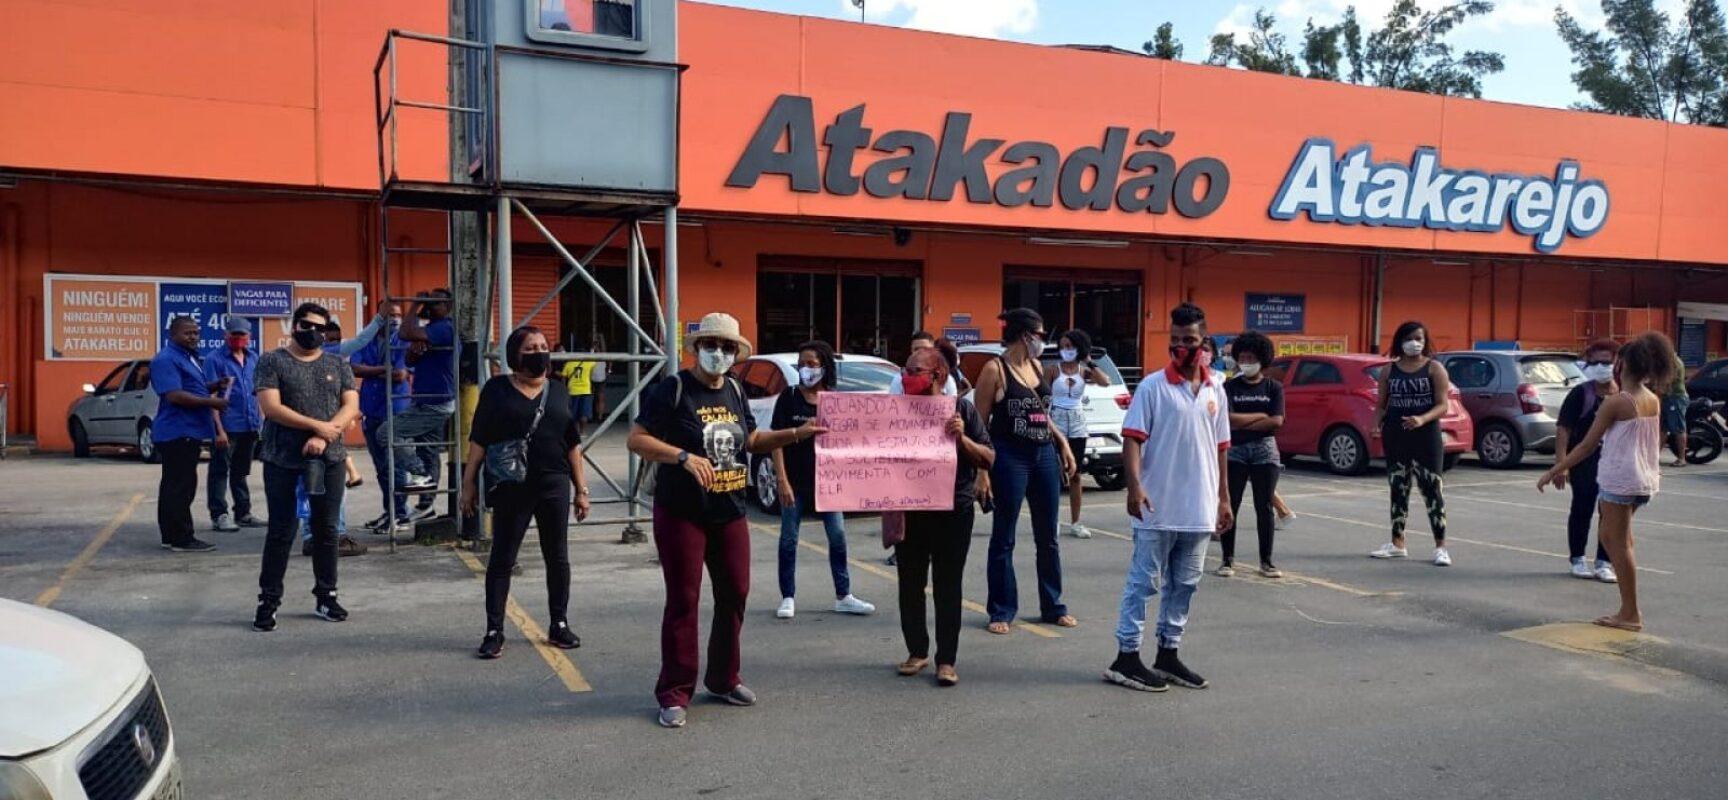 Entidades voltam a protestar contra mortes de tio e sobrinho suspeitos de furto no Atakarejo